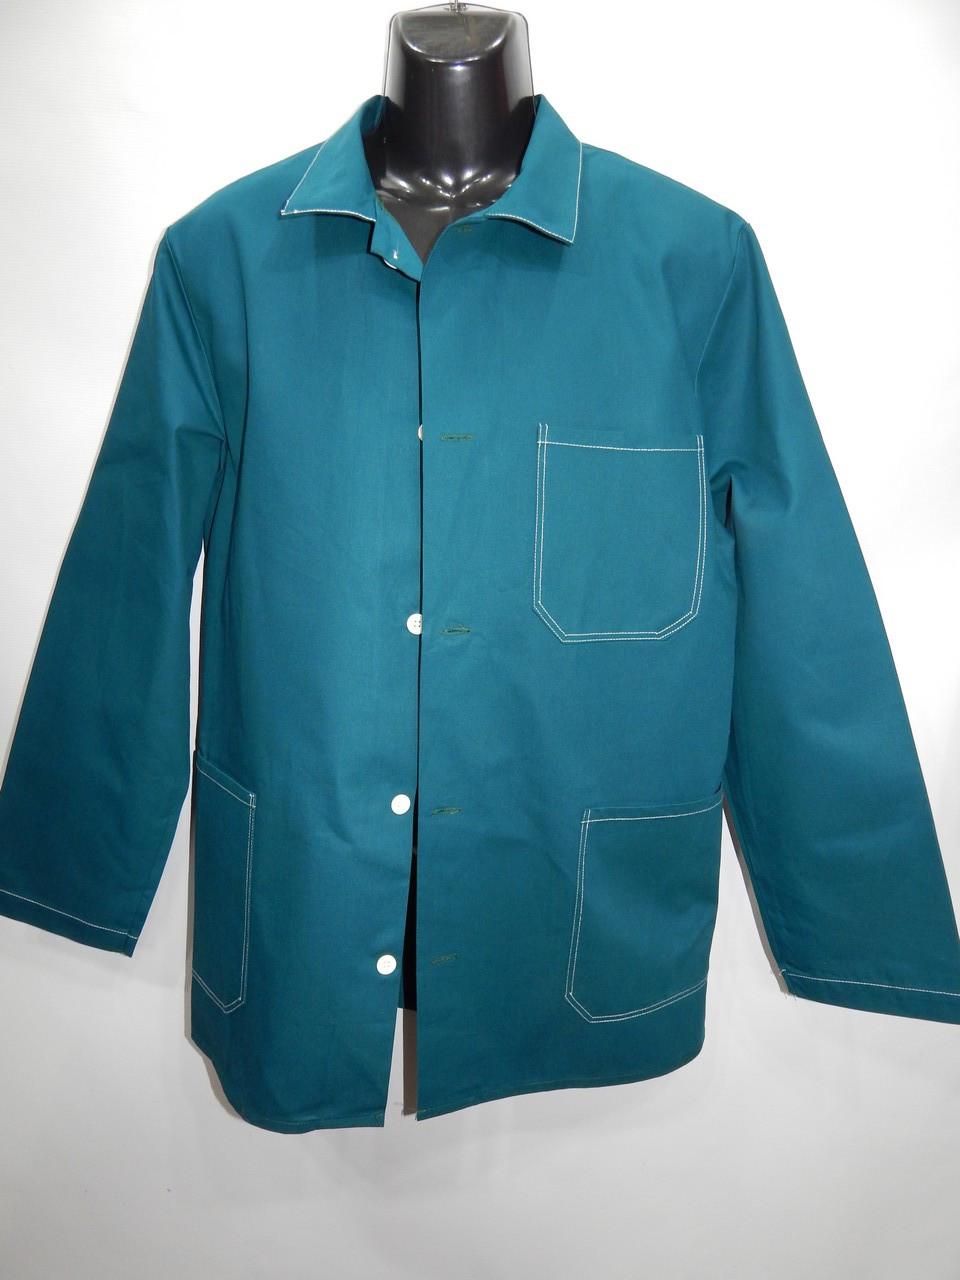 Куртка пиджак мужская рабочая демисезонная Tradetex р.52 026МРК